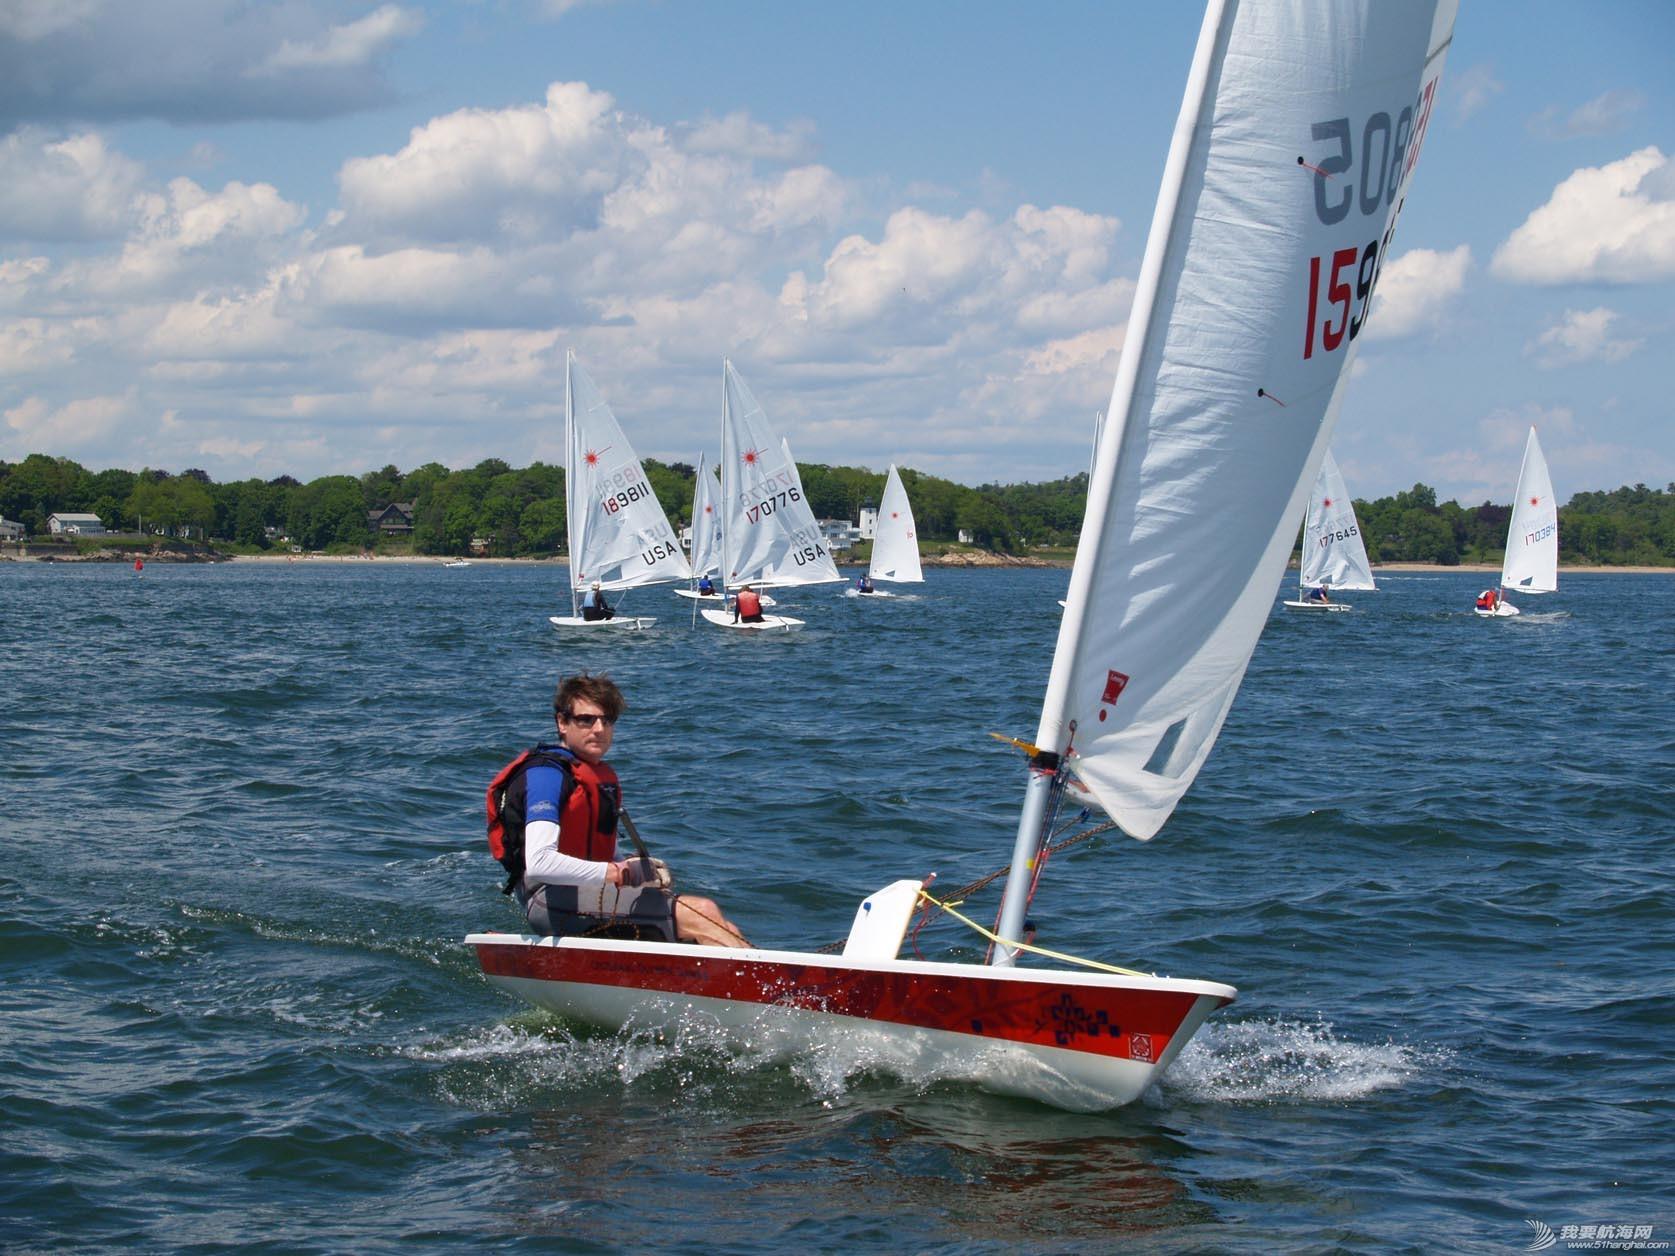 帆船,加拿大人,sailing,布鲁斯,激光级 Laser sailing激光级帆船介绍-极具魅力的运动型单体稳向板帆船 5.jpg